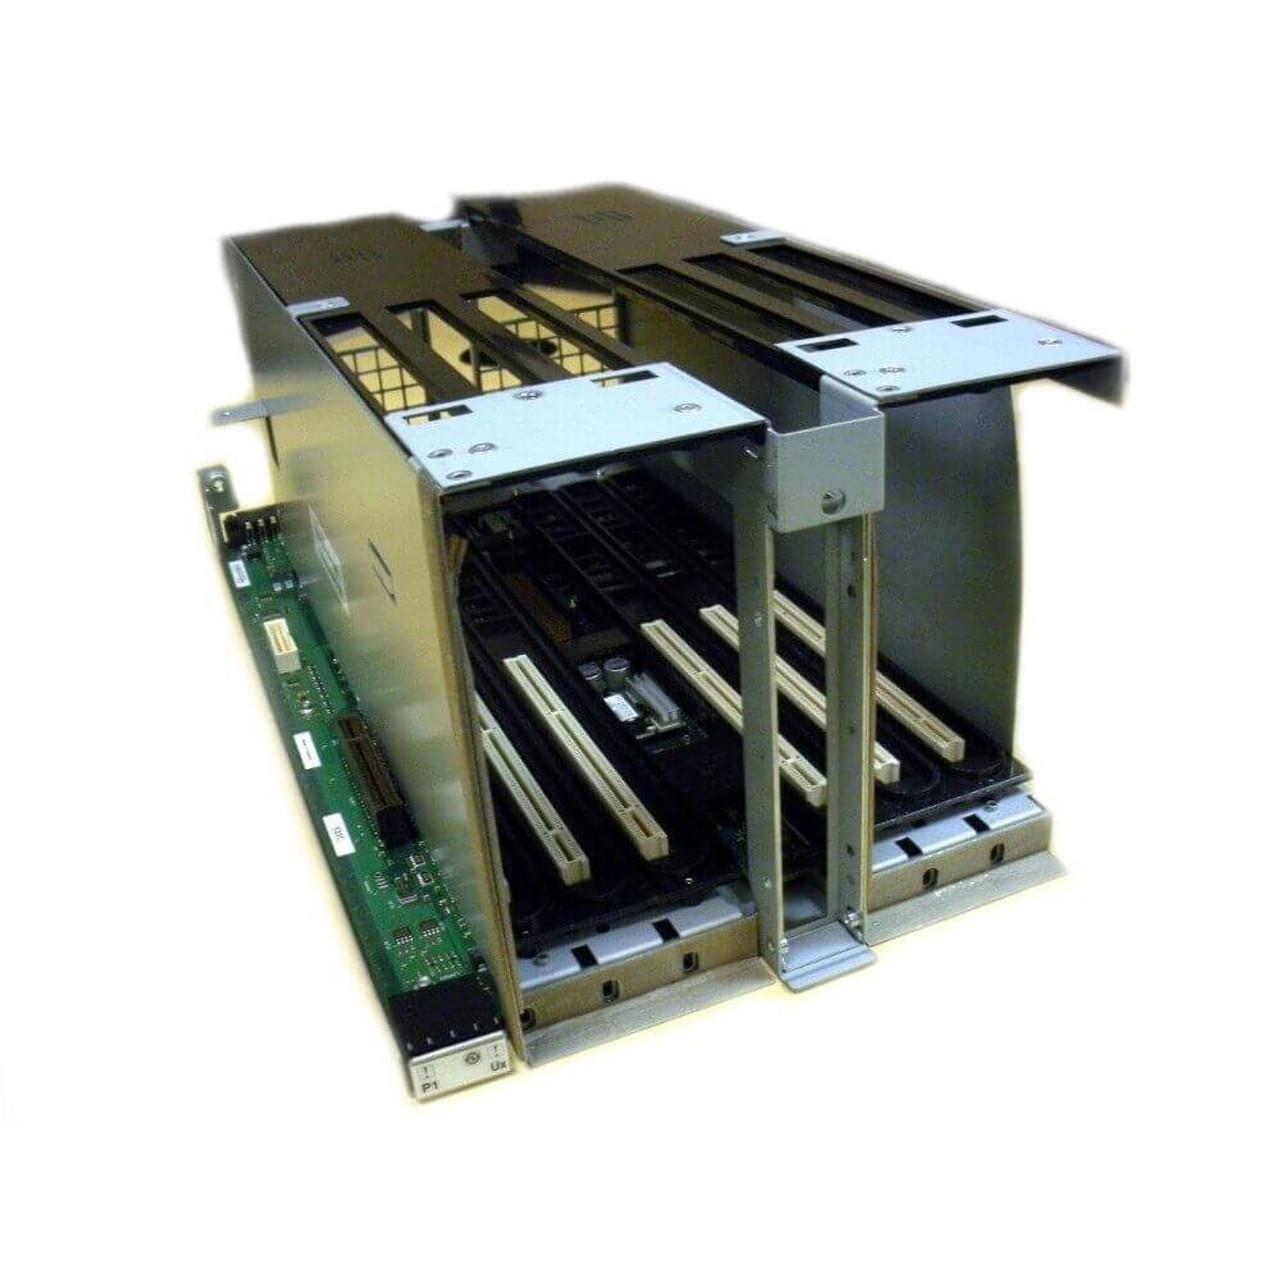 44V4294 Power Supply 42R4491 44V3146 300W for 5796